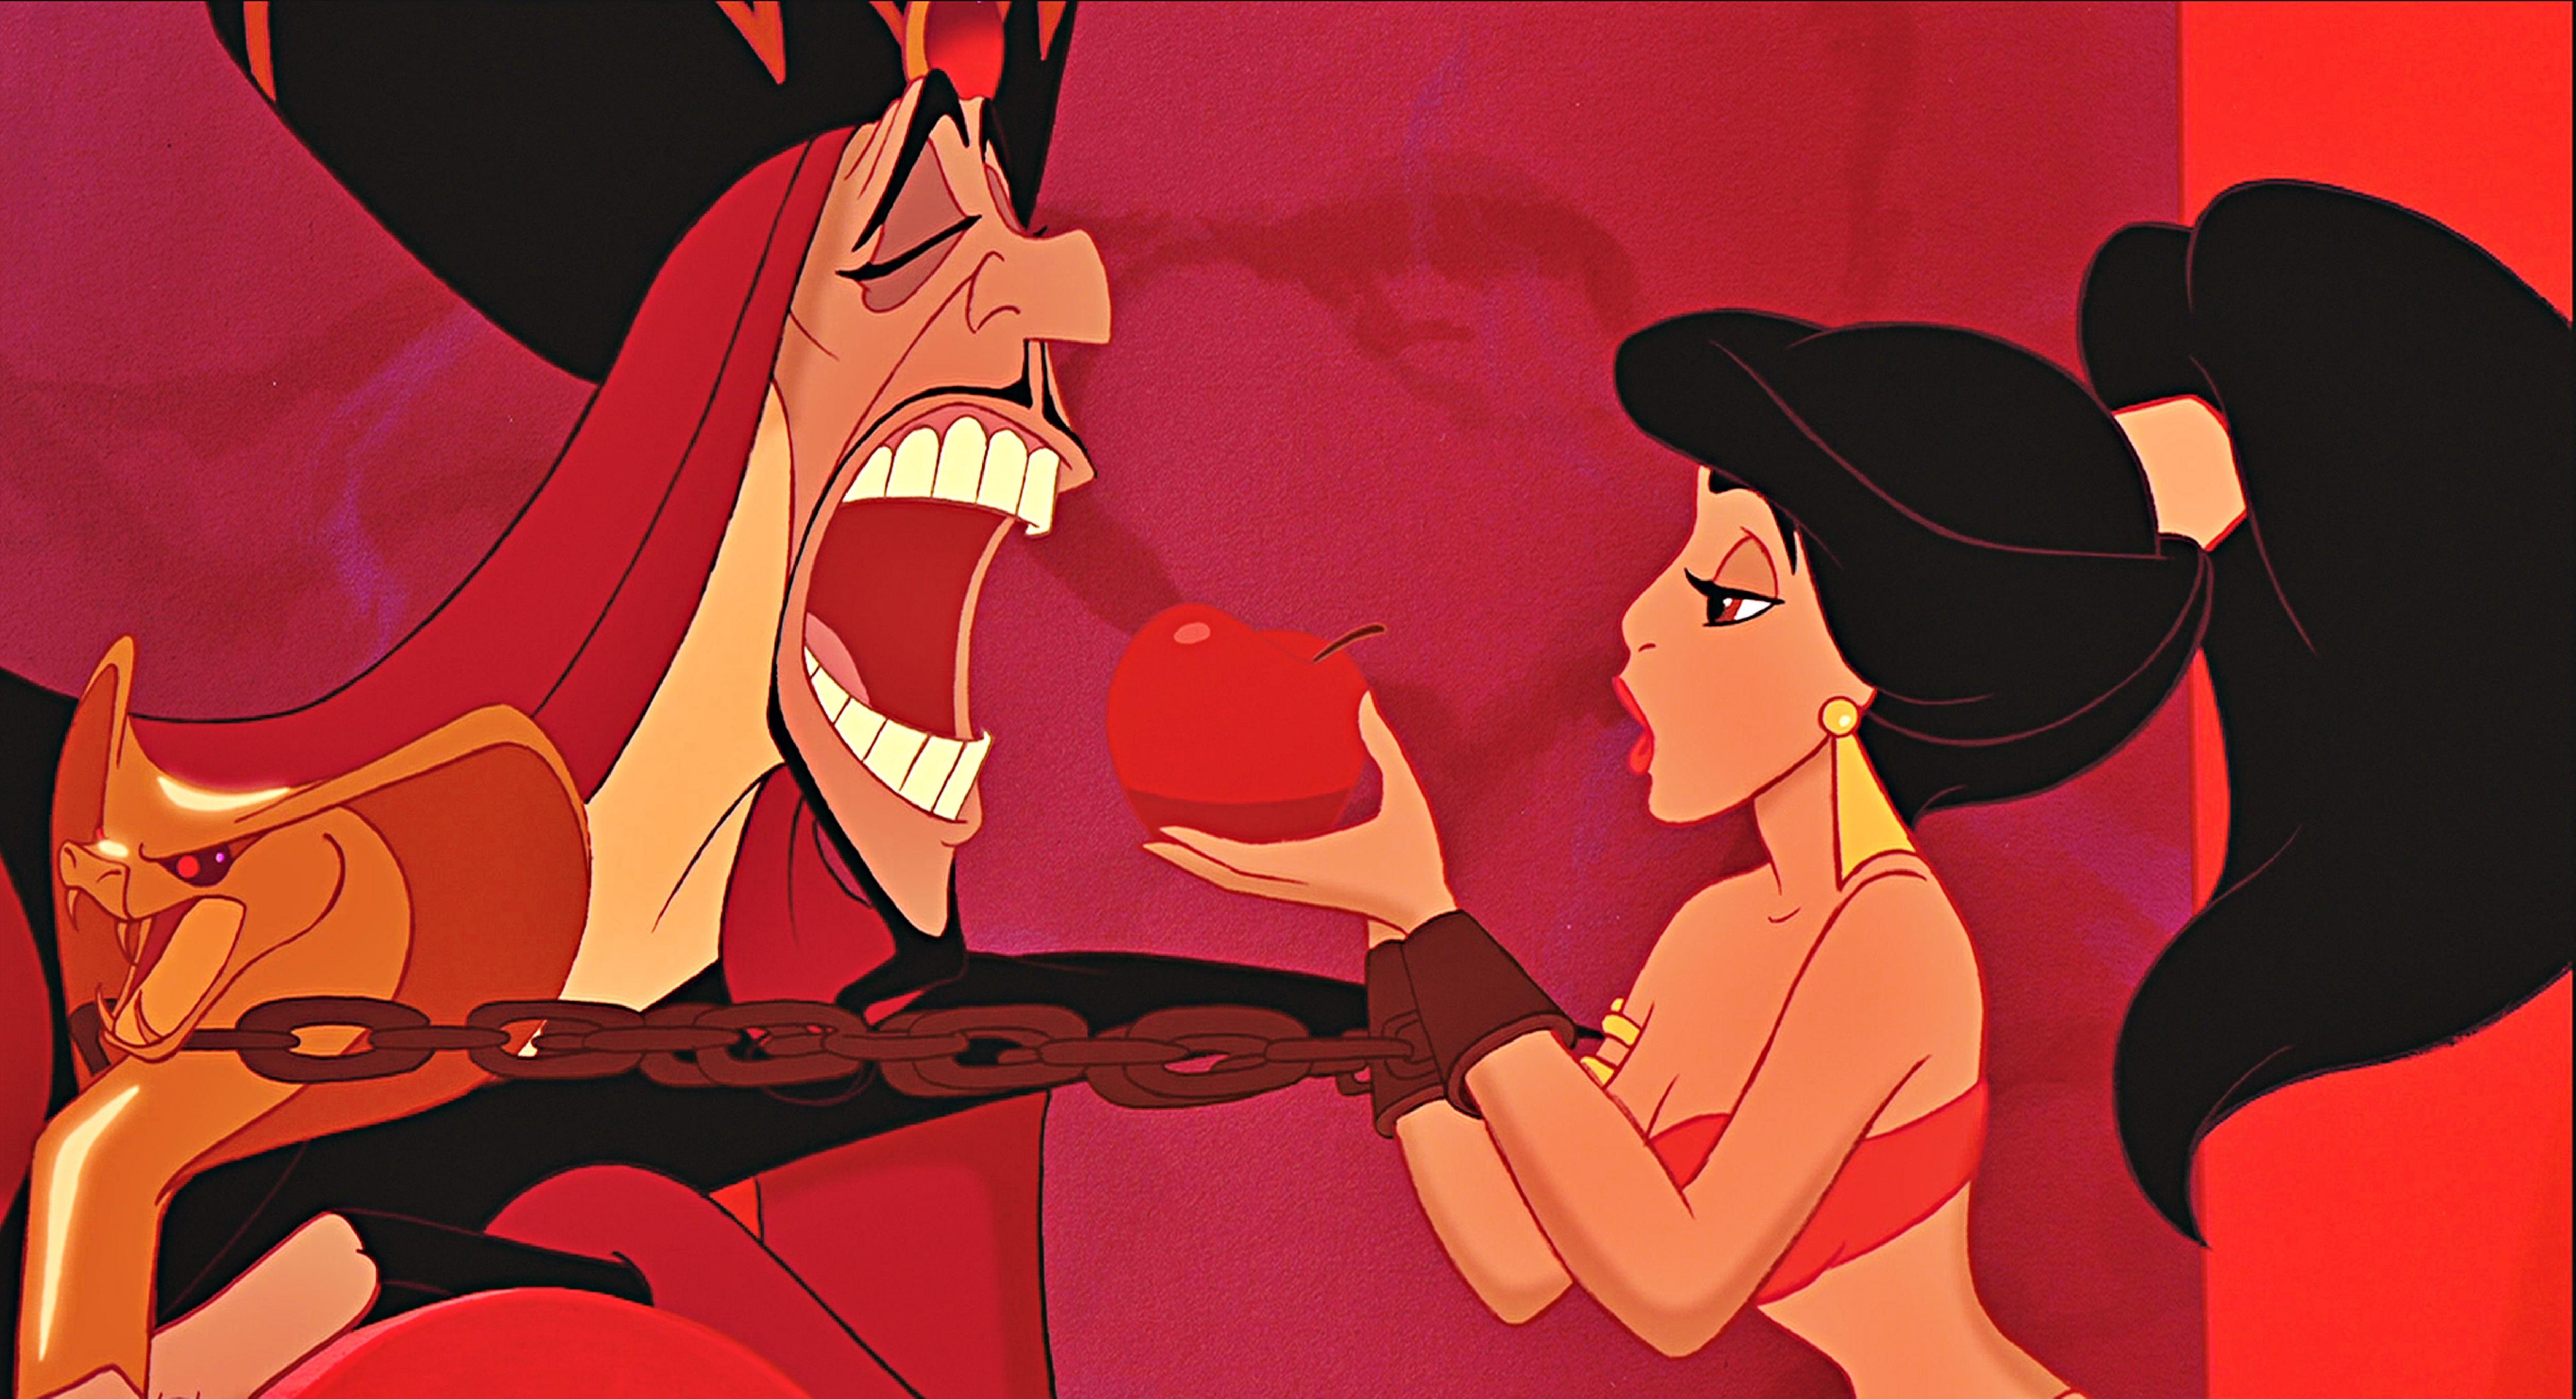 Порно мультфильмы диснея без регистрации